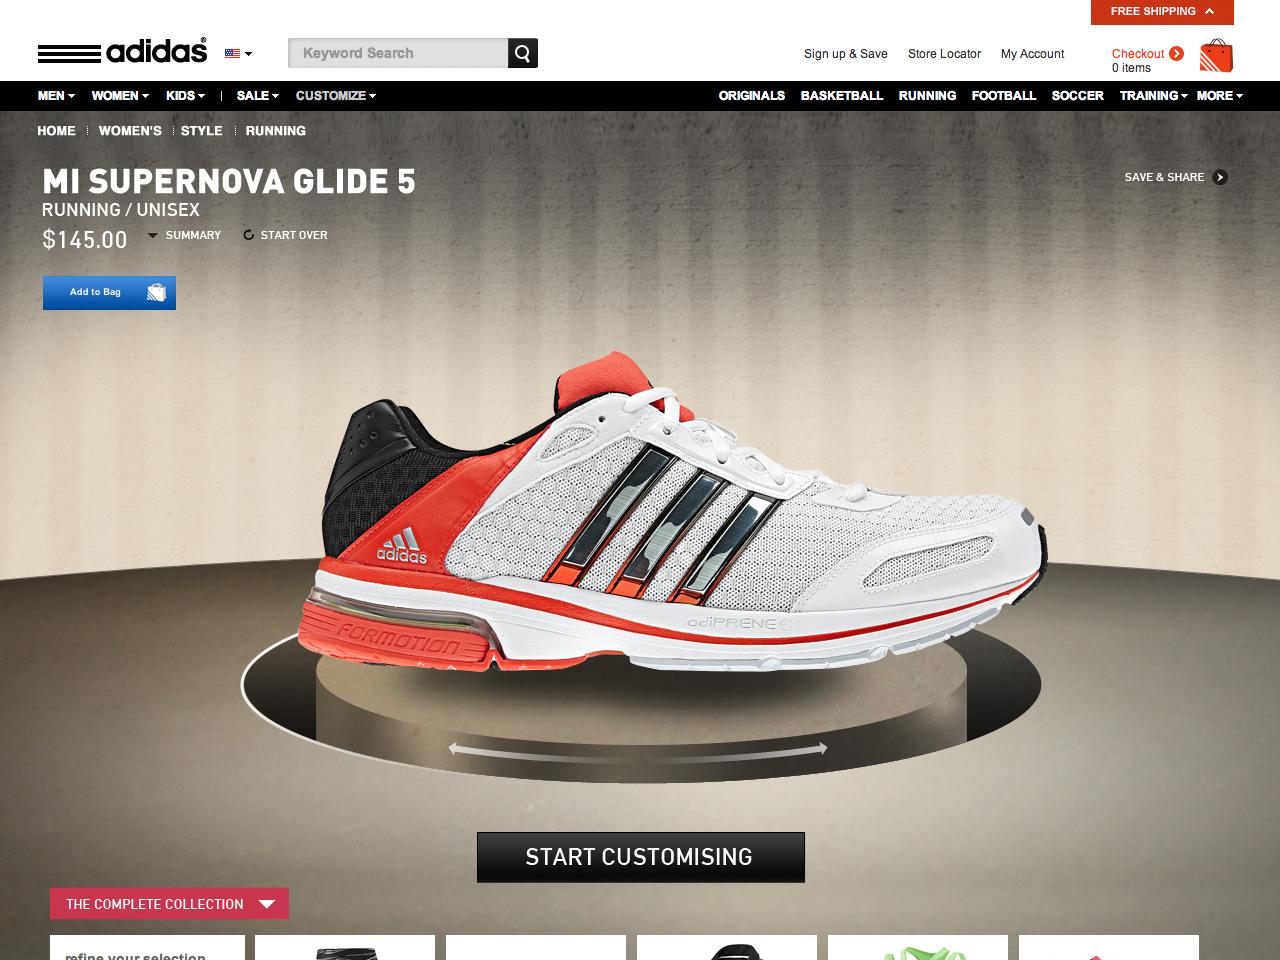 adidas_running_config_01.jpg